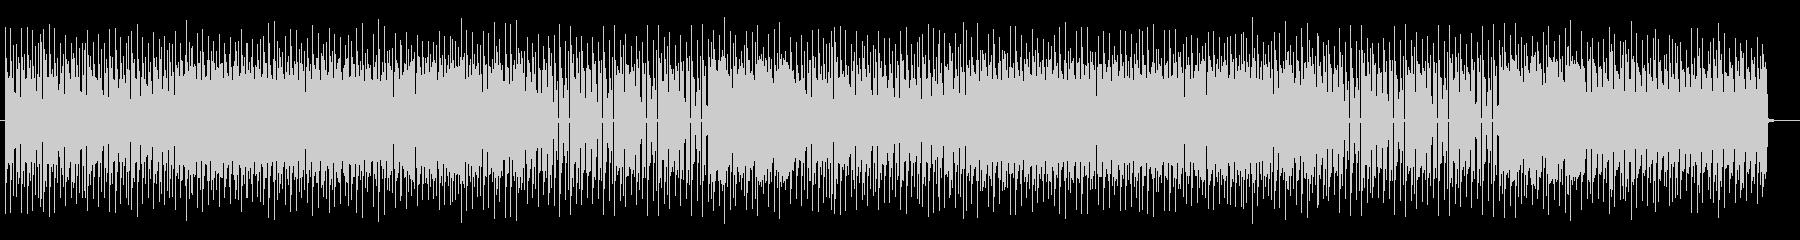 テクニカルでクールなエレキサウンドの未再生の波形